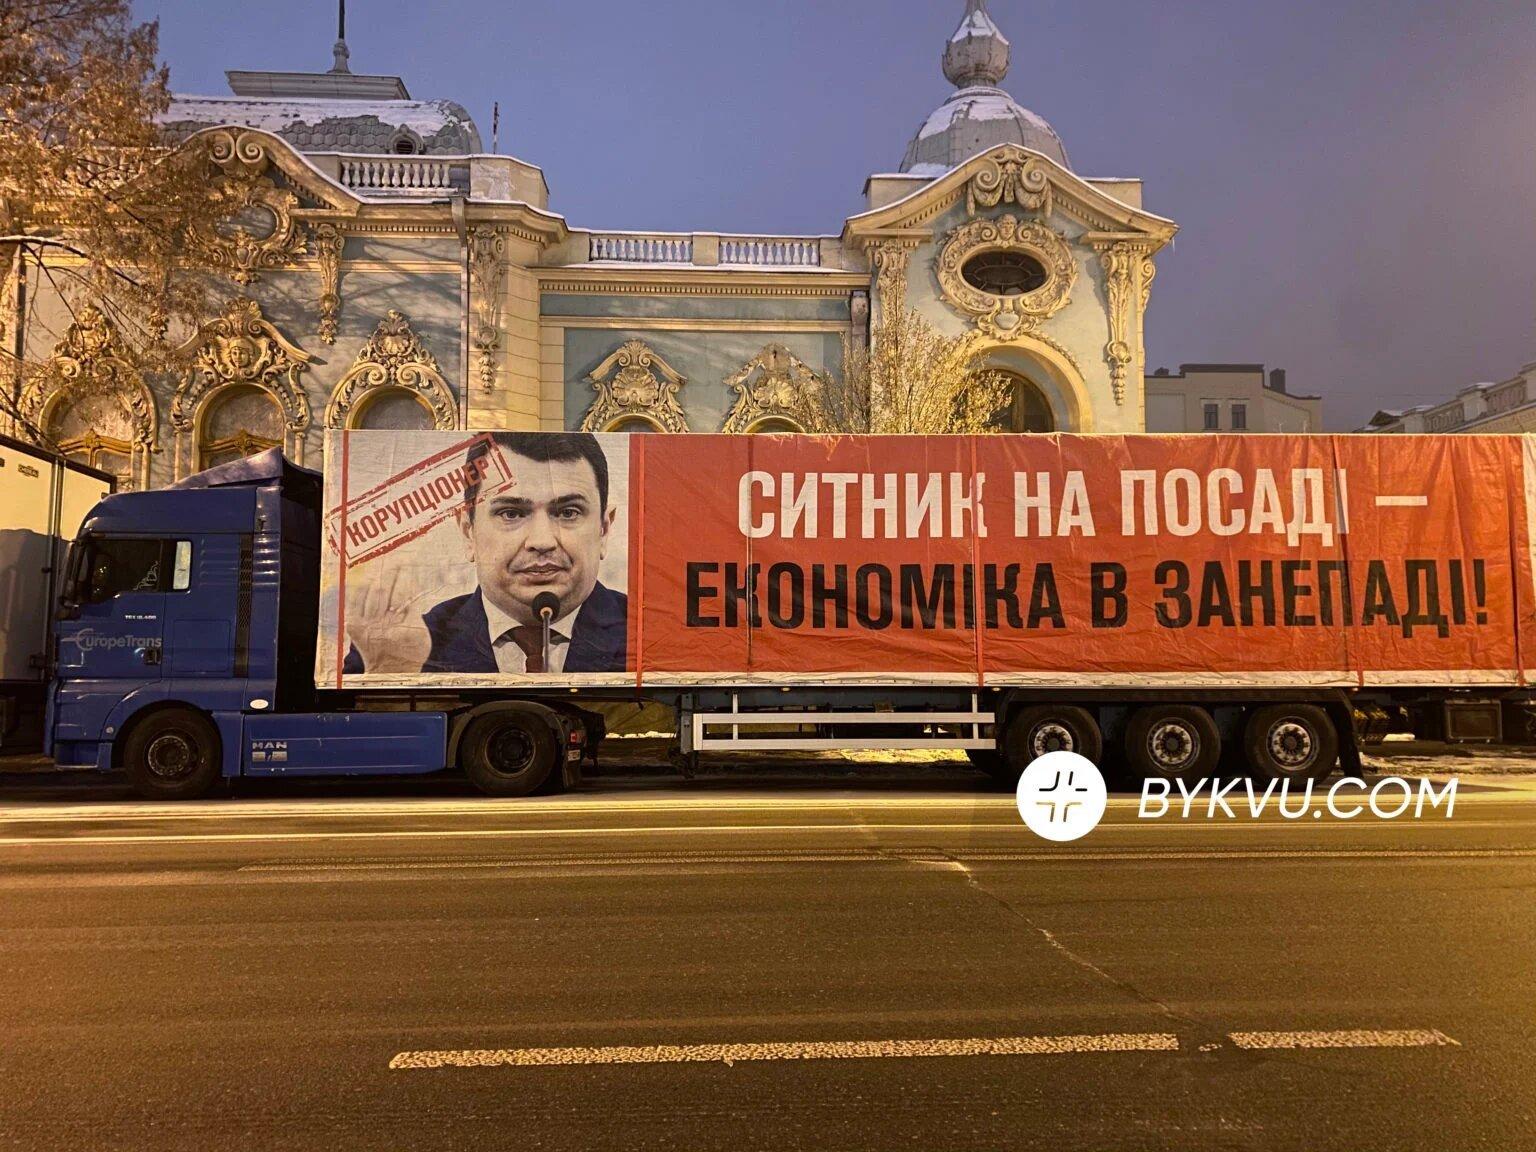 Баннеры против Сытника. Фото: Буквы